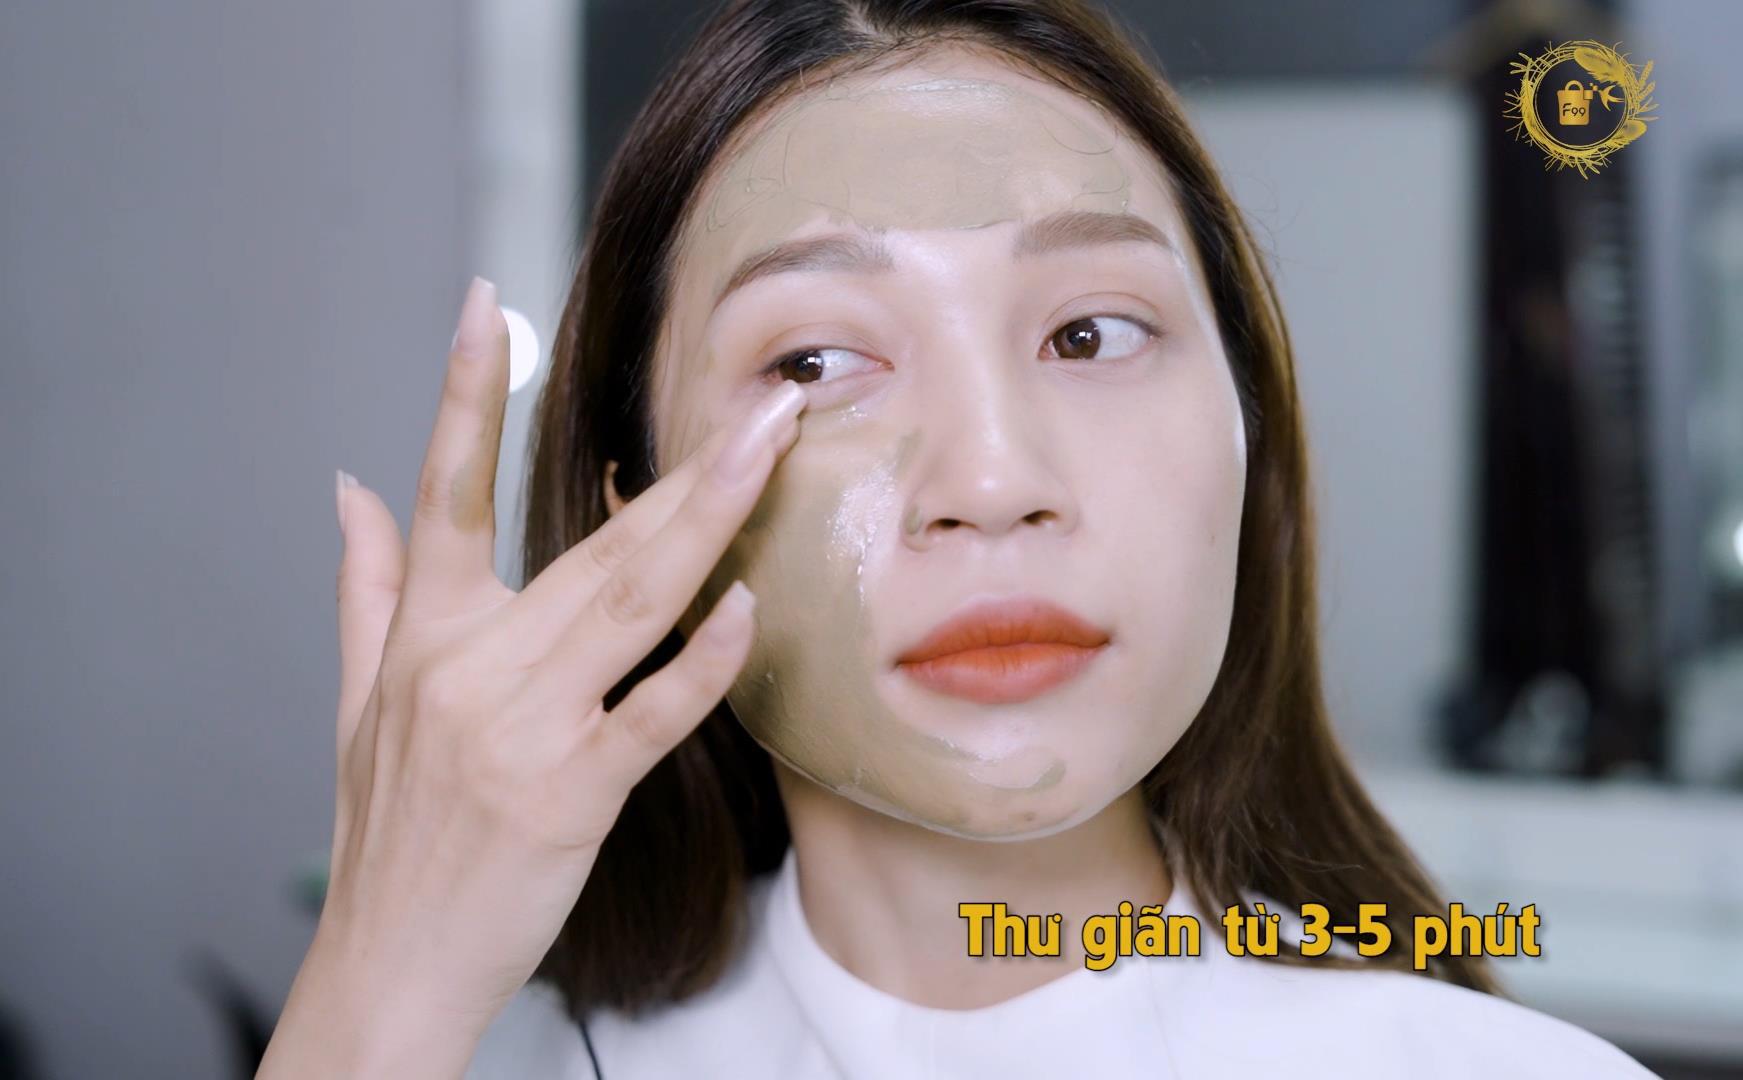 """Điều gì khiến Thuý Ngân, Khả Như và hội chị em """"mê mẩn"""" đắp mặt nạ yến hoàng cung - Royal Golden mask - Ảnh 4."""